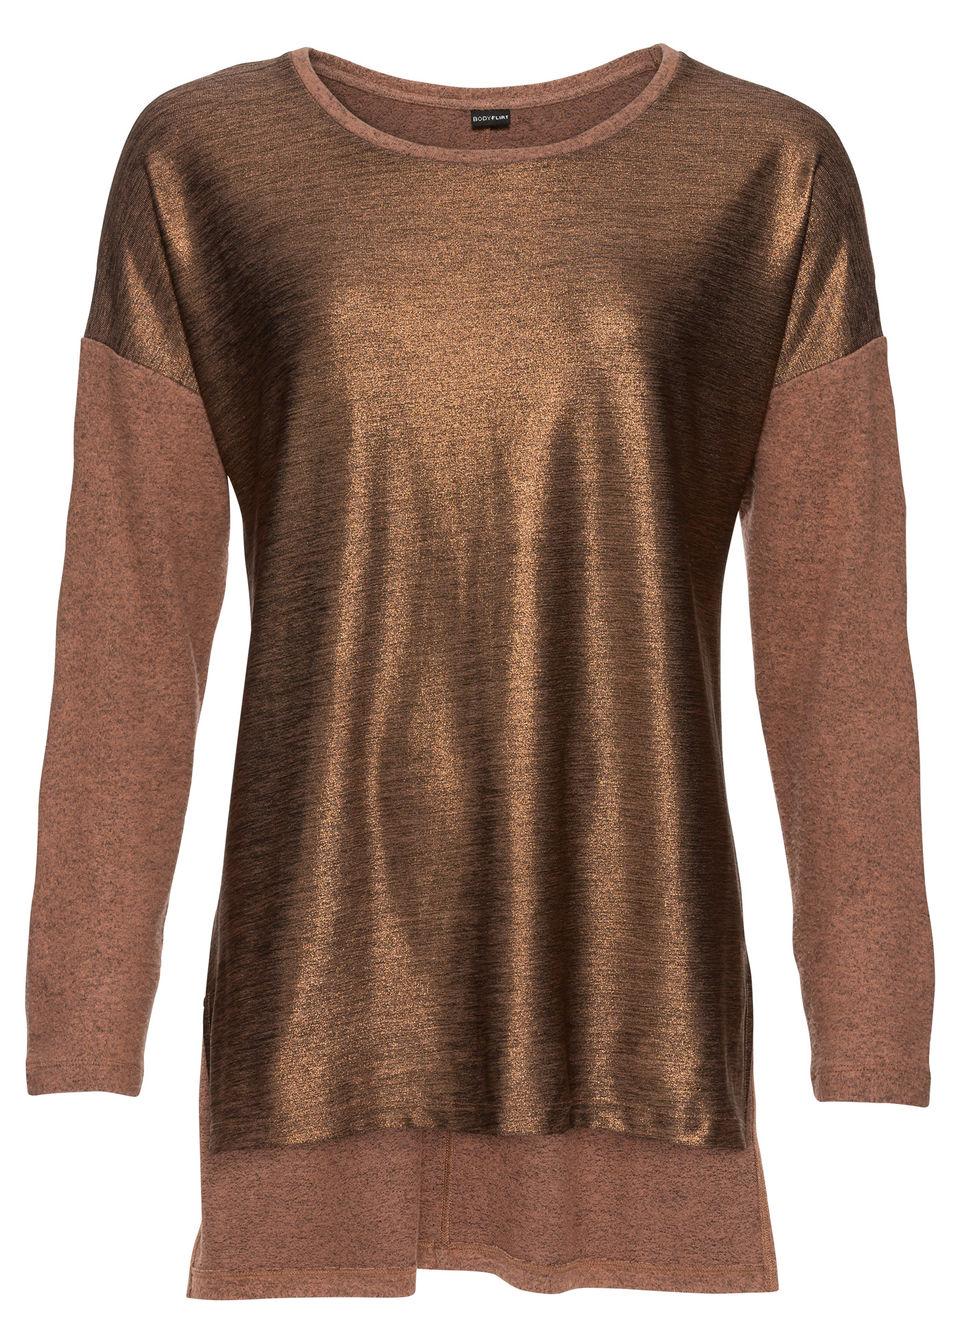 Bonprix Oversize džersejové tričko s metalickou potlačou - Glami.sk fdc3c631e7